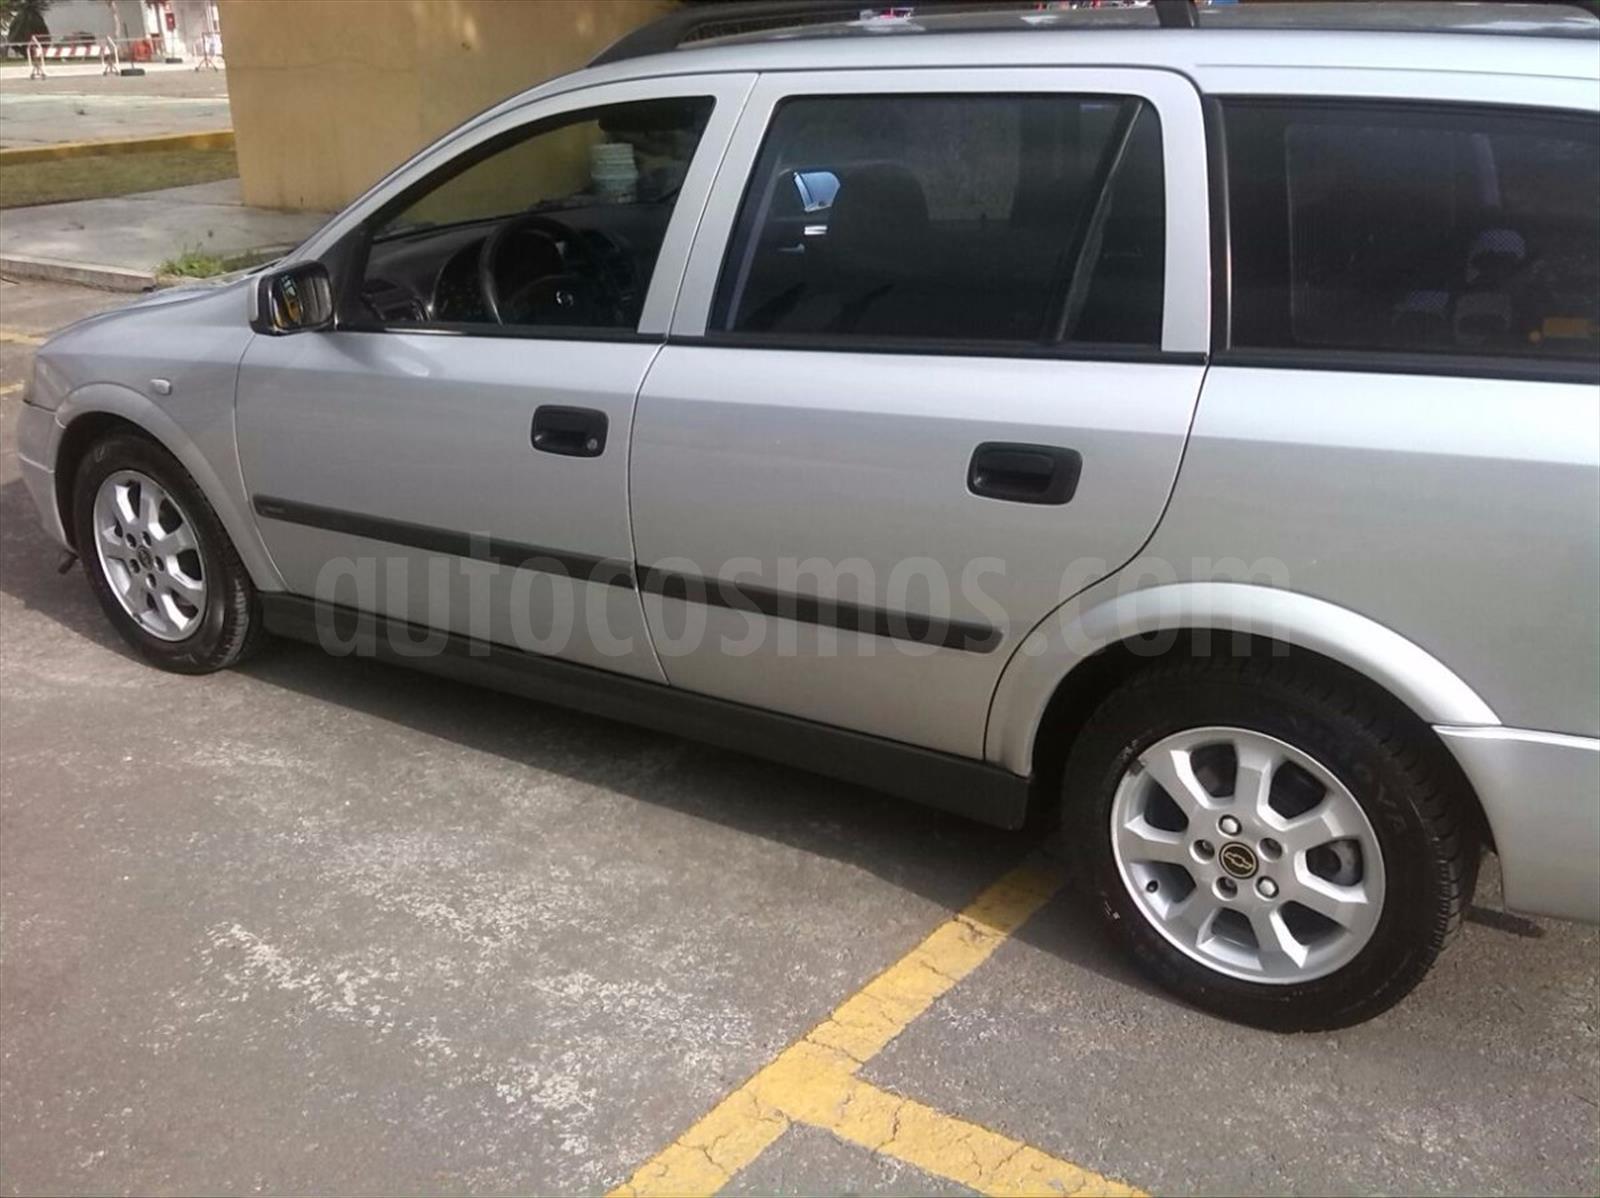 Venta autos usado  Yucatan  Chevrolet Astra Vagoneta Aut